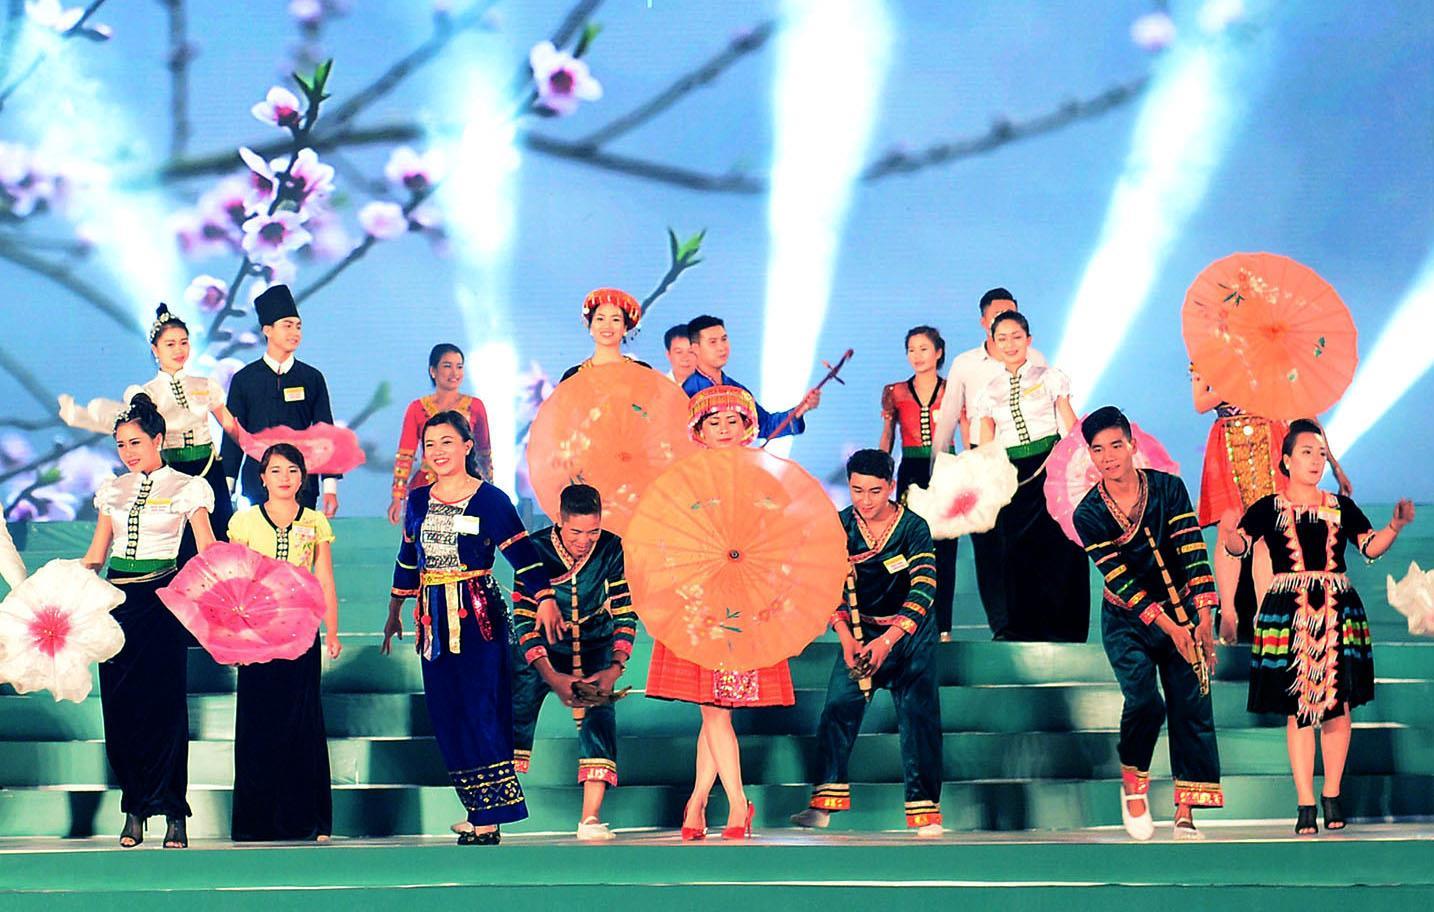 Ngày Văn hóa các dân tộc Việt Nam được tổ chức thường niên góp phần bảo tồn và phát huy giá trị văn hóa các dân tộc (Ảnh TL)